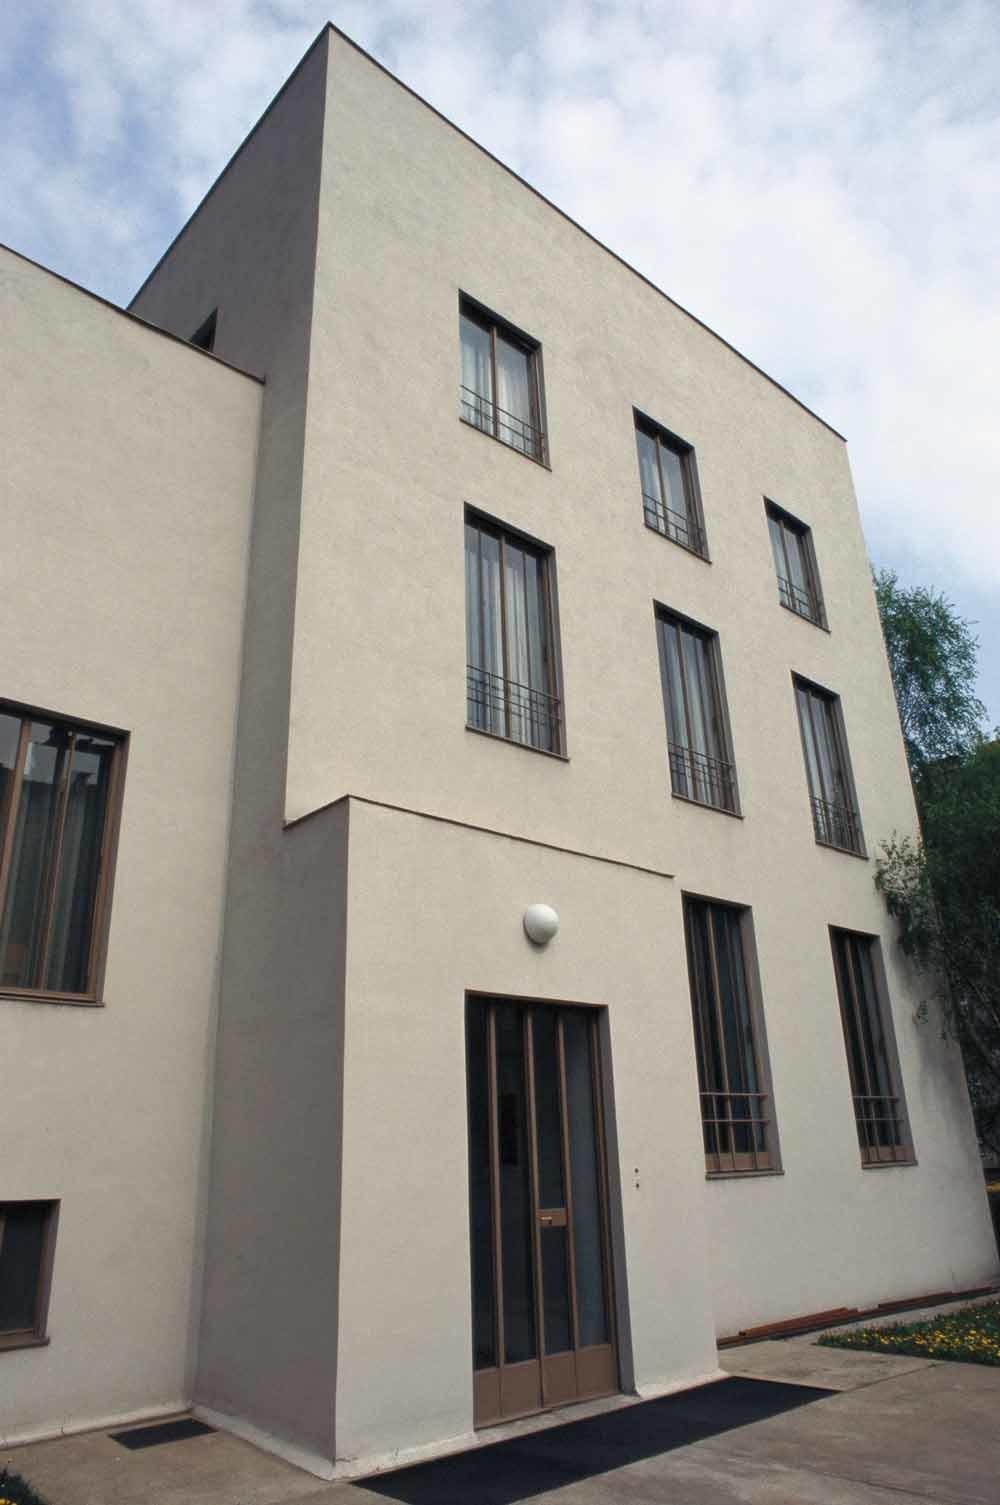 Het huis van Gretl Wittgenstein in Wenen dat nu onderdak biedt aan de Bulgaarse ambassade. – © Dagmar Landova / Getty